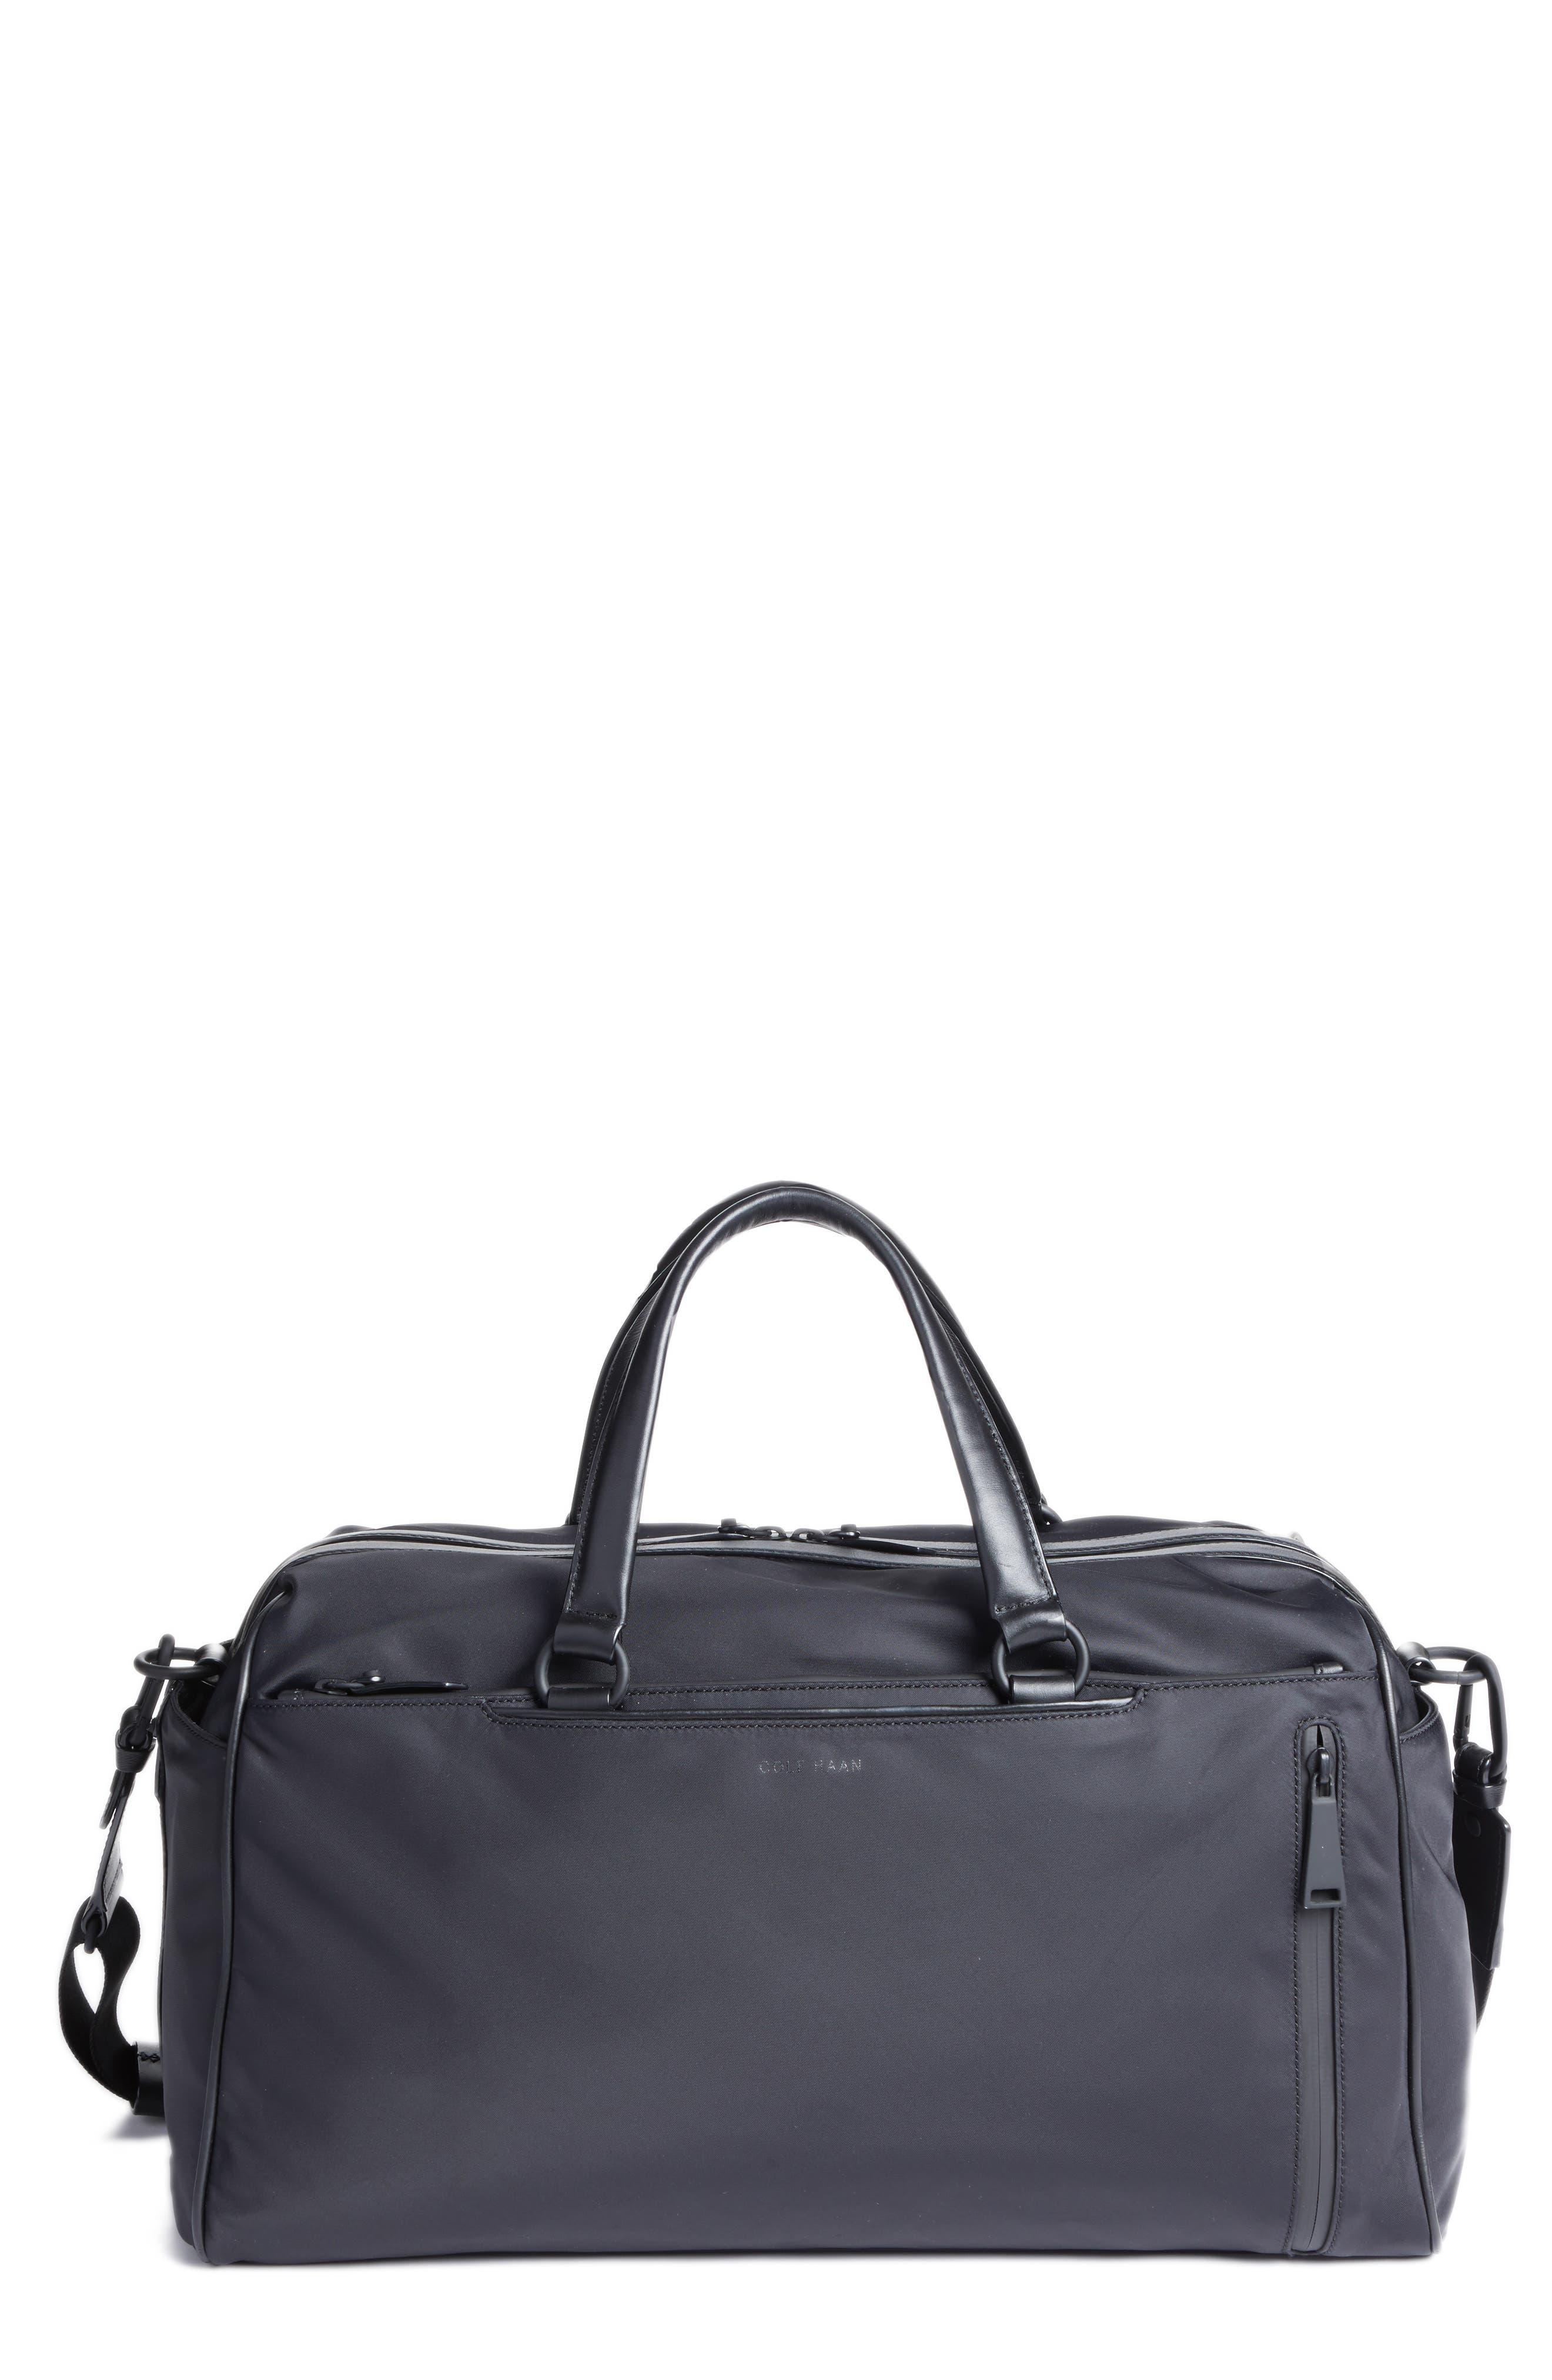 Grand Duffel Bag,                         Main,                         color, 001